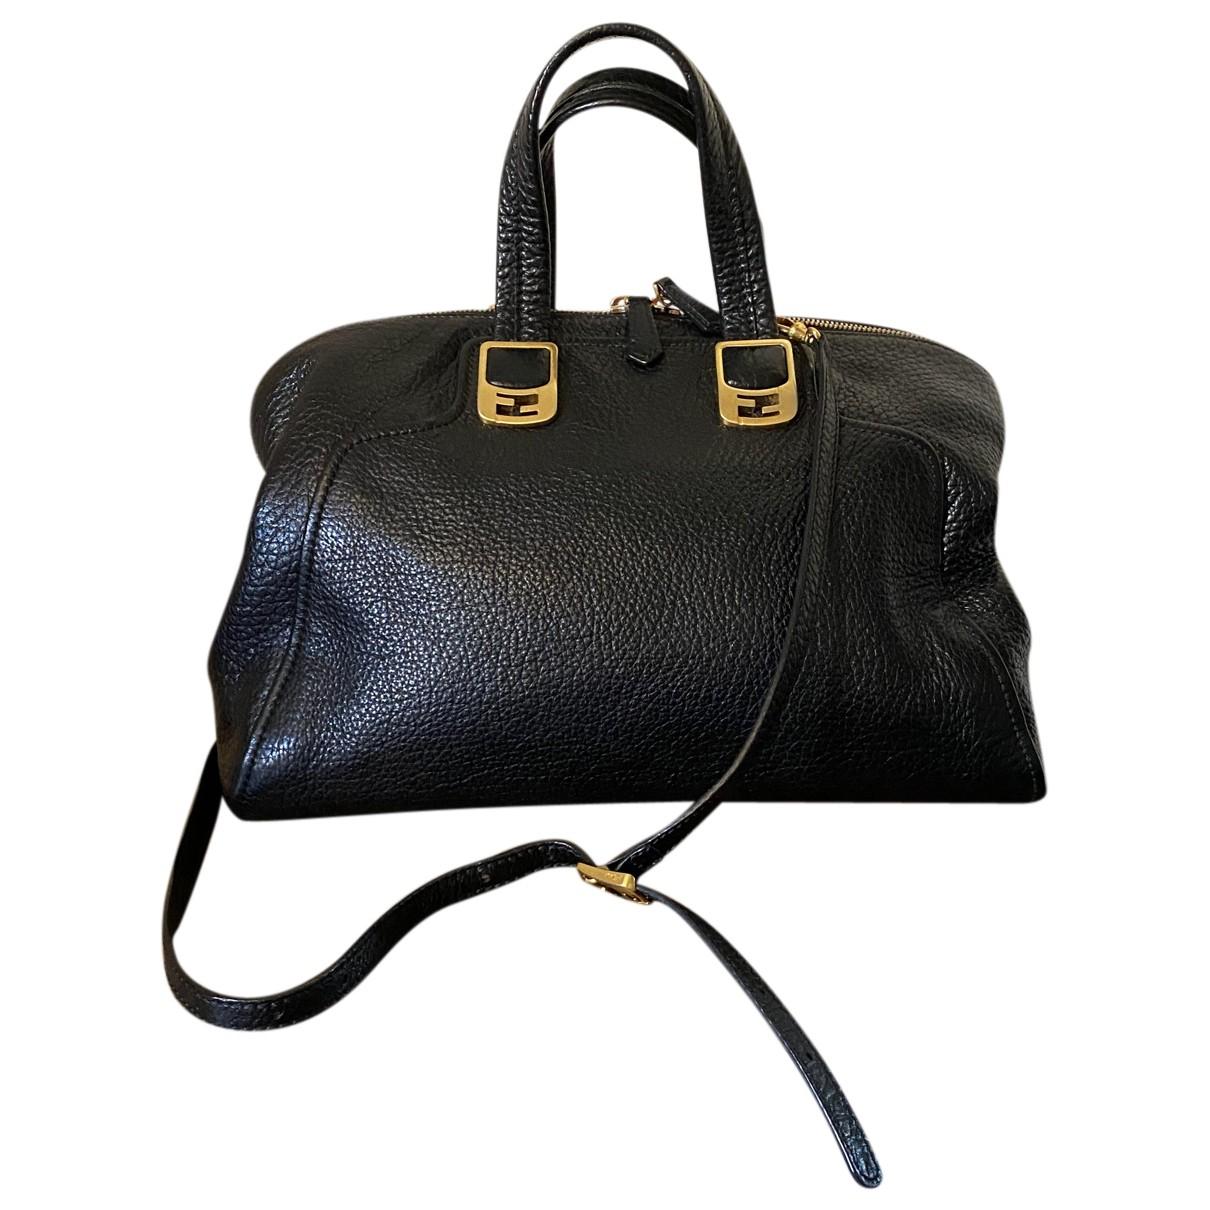 Fendi Chameleon Black Leather handbag for Women N